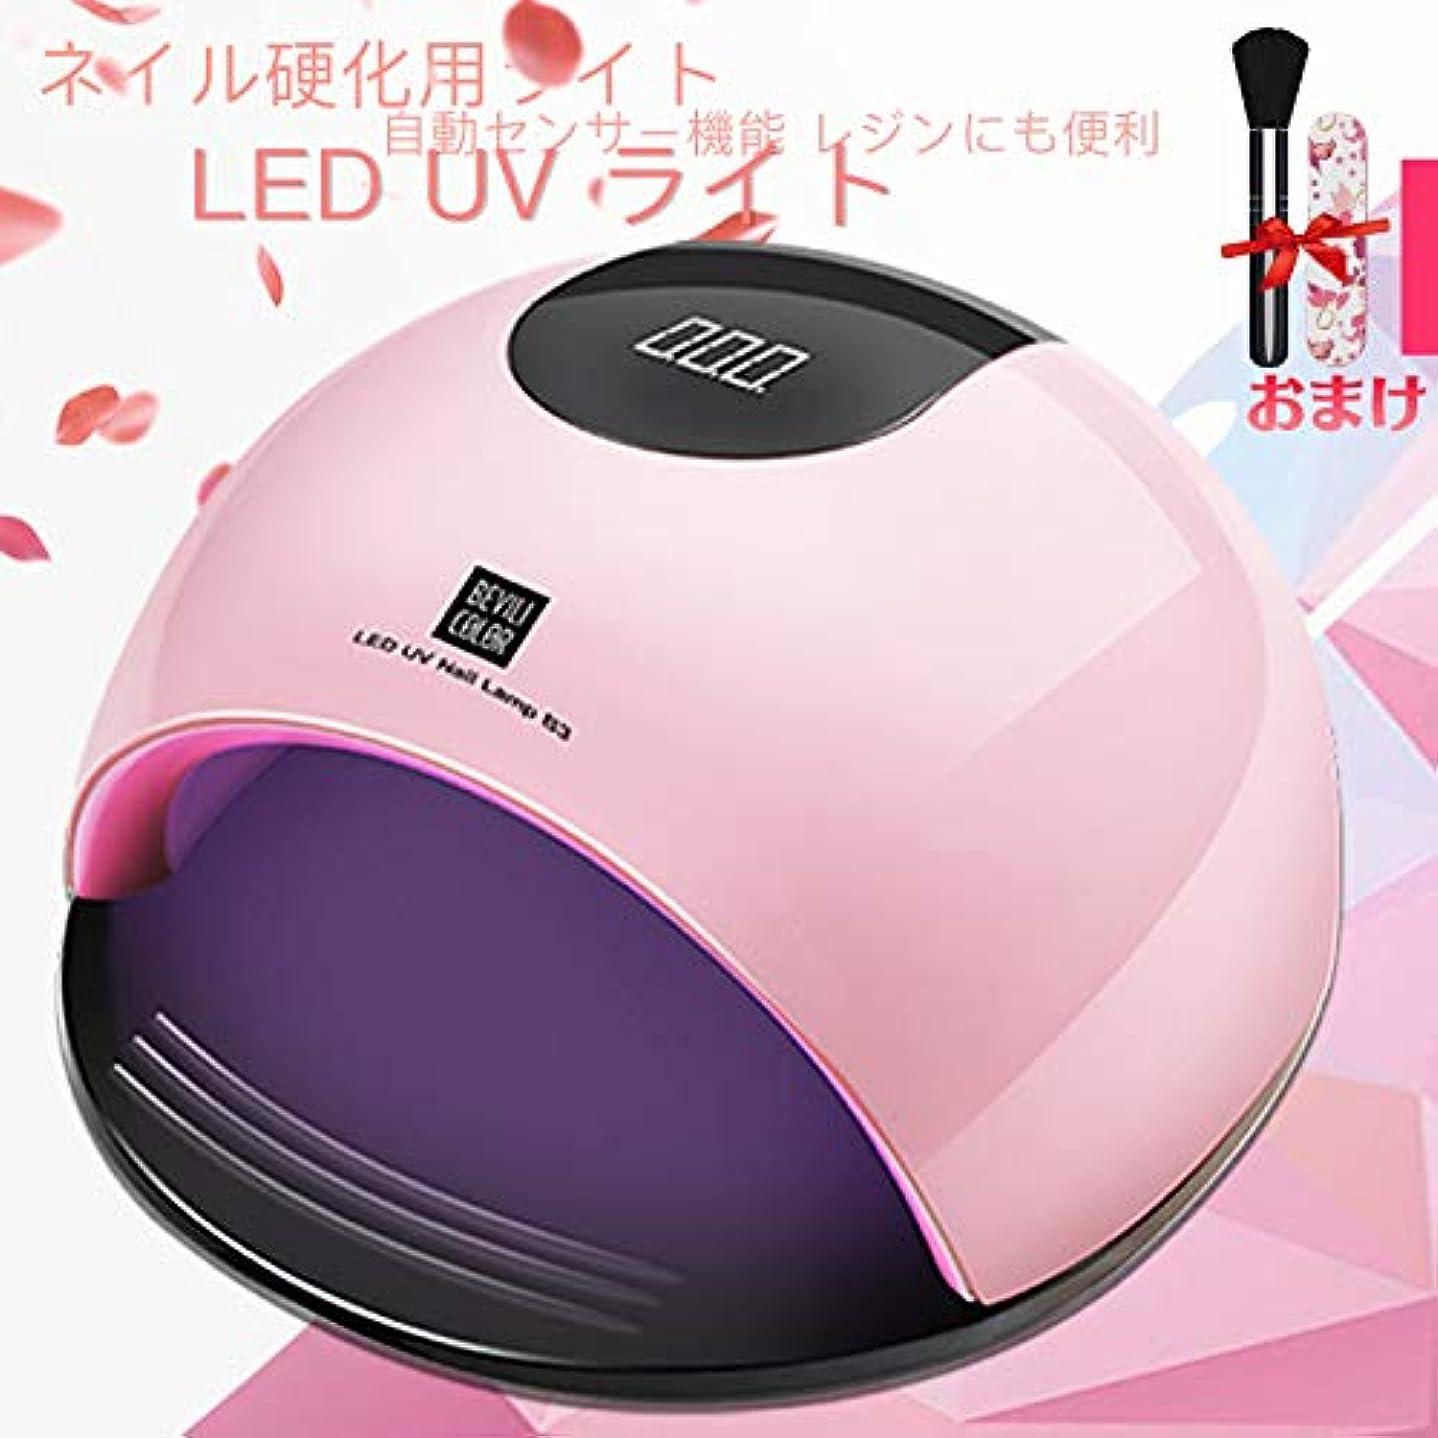 用語集家事をする付属品ジェルネイル ライトレジン uvライトネイルドライヤー ハンドフット両用 ネイル led ライト80W ハイパワー ジェルネイルライト 肌をケア センサータイマー付き (Pink)